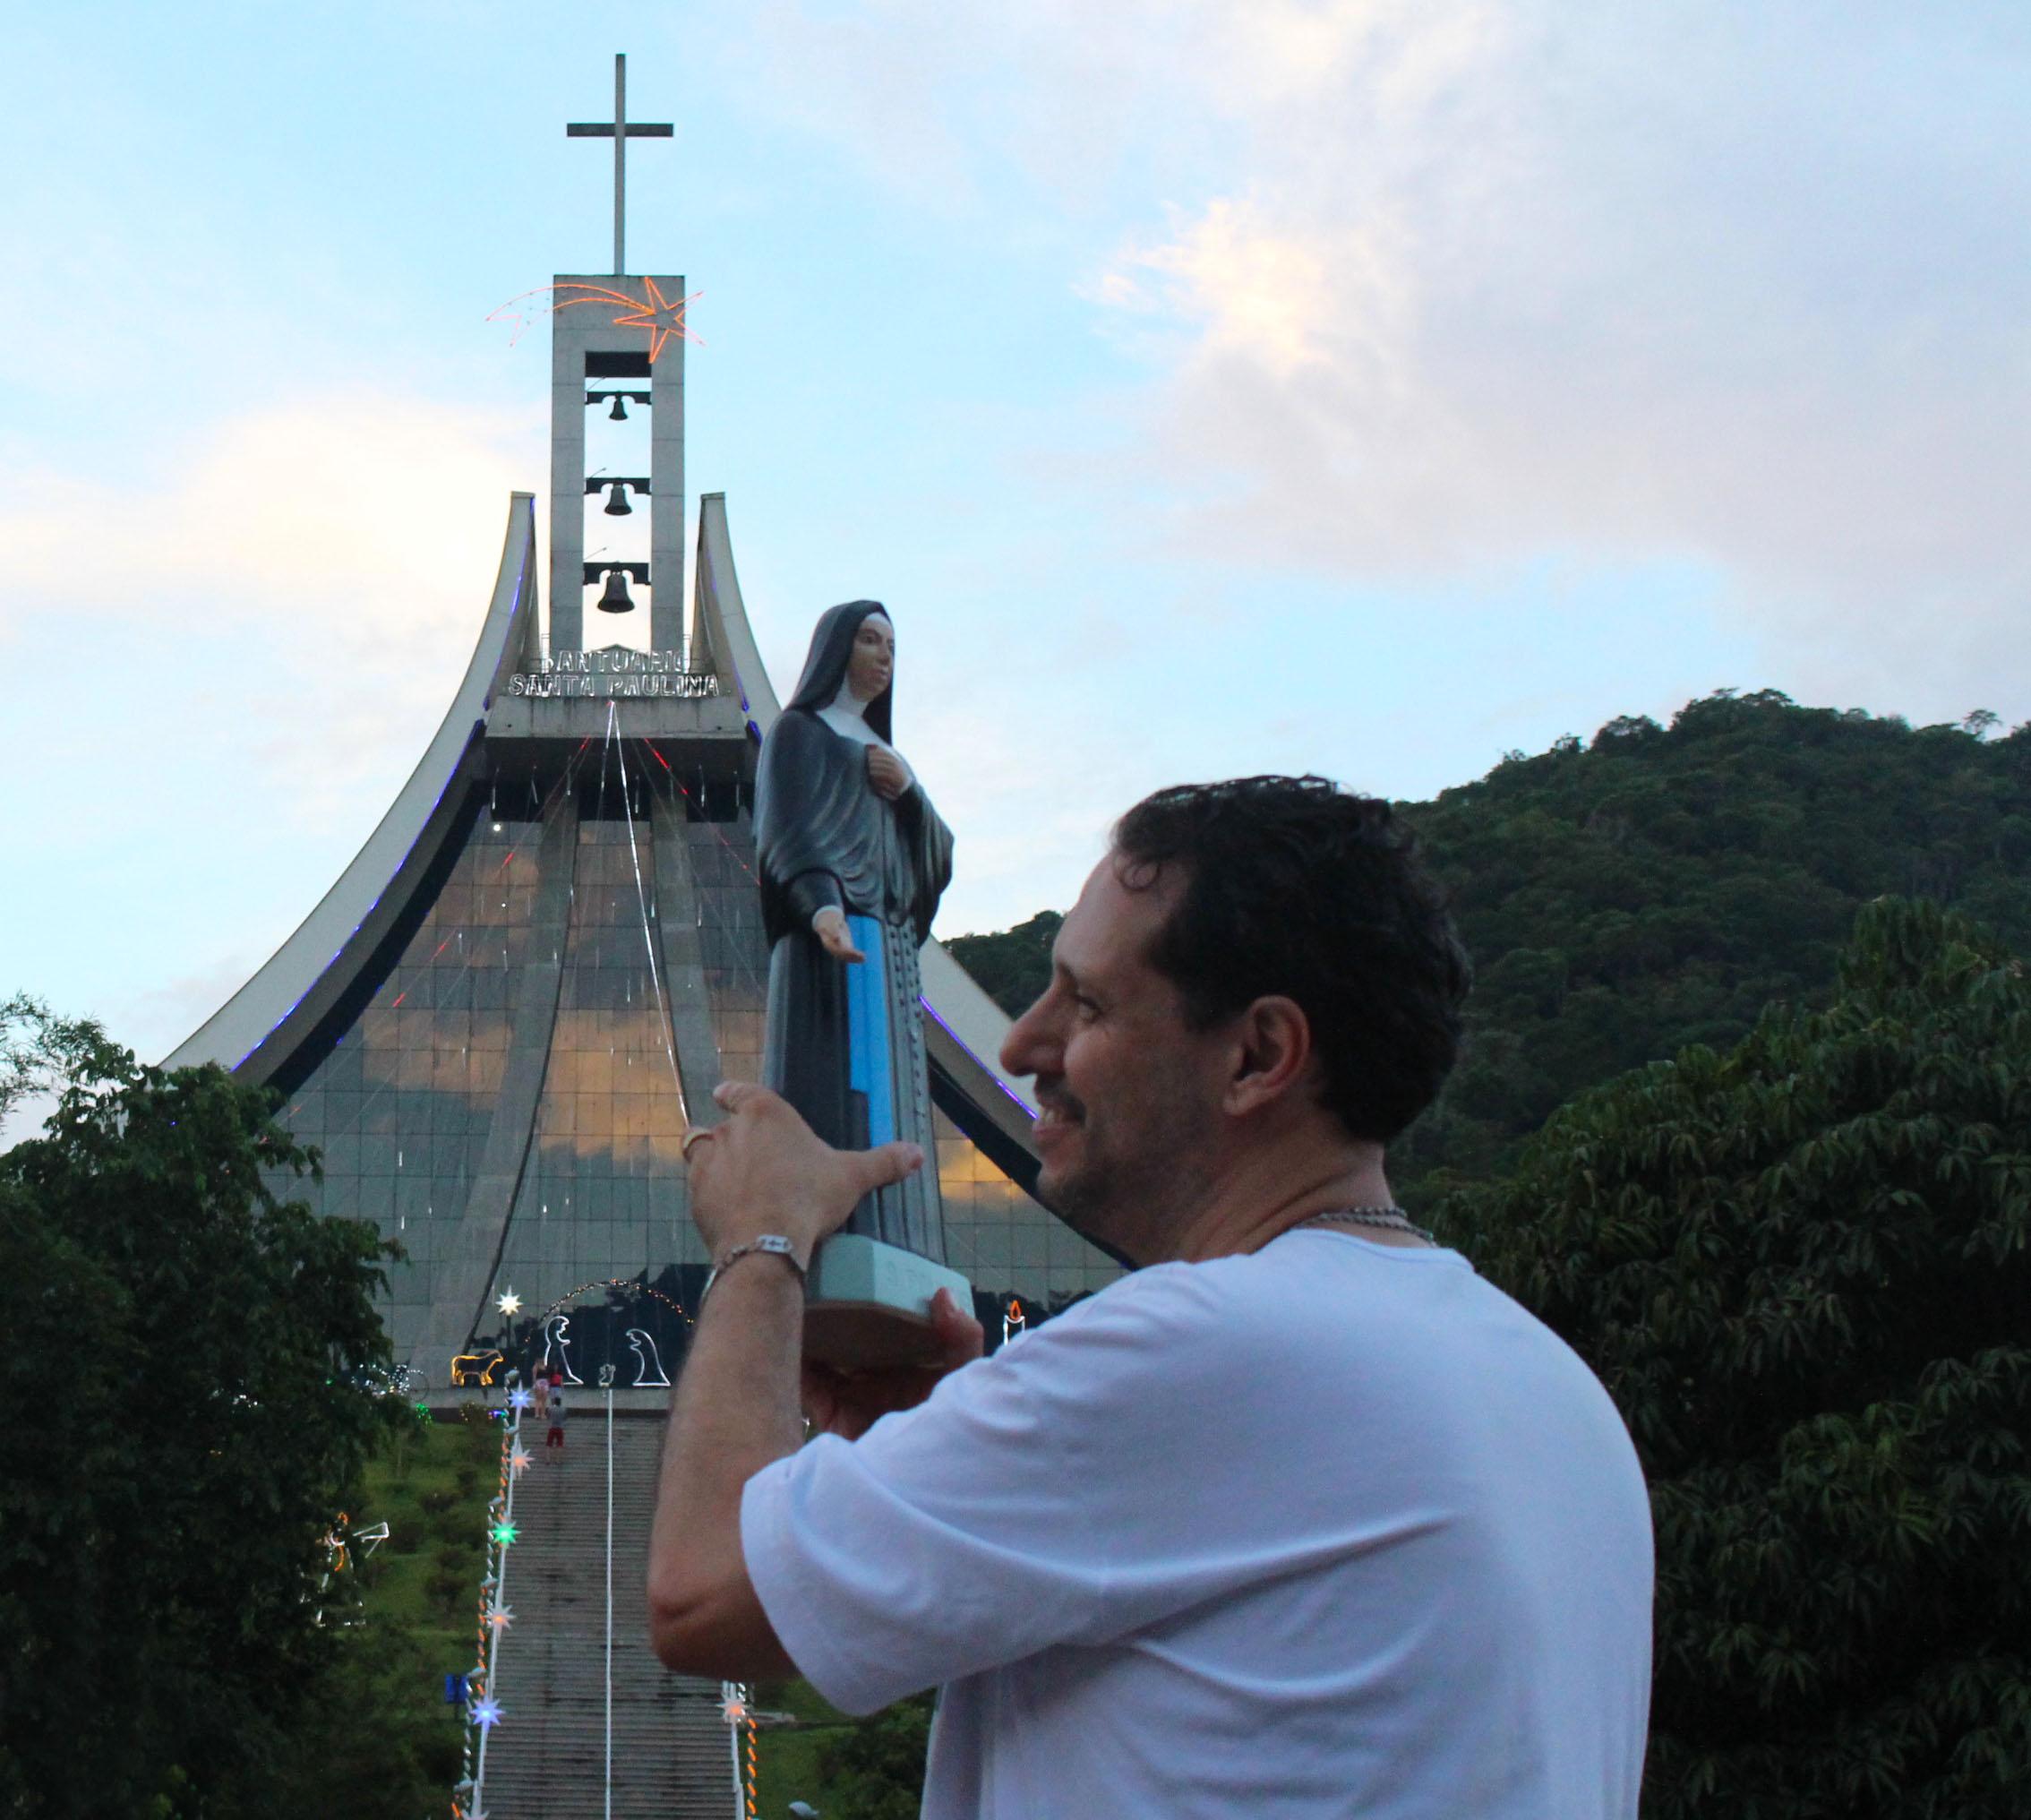 1bf105ec39 Participe da Peregrinação Noturna com Santa Paulina! Mais informações pelo  telefone (48) 3267-3030 ou pelo e-mail   contato santuariosantapaulina.org.br.